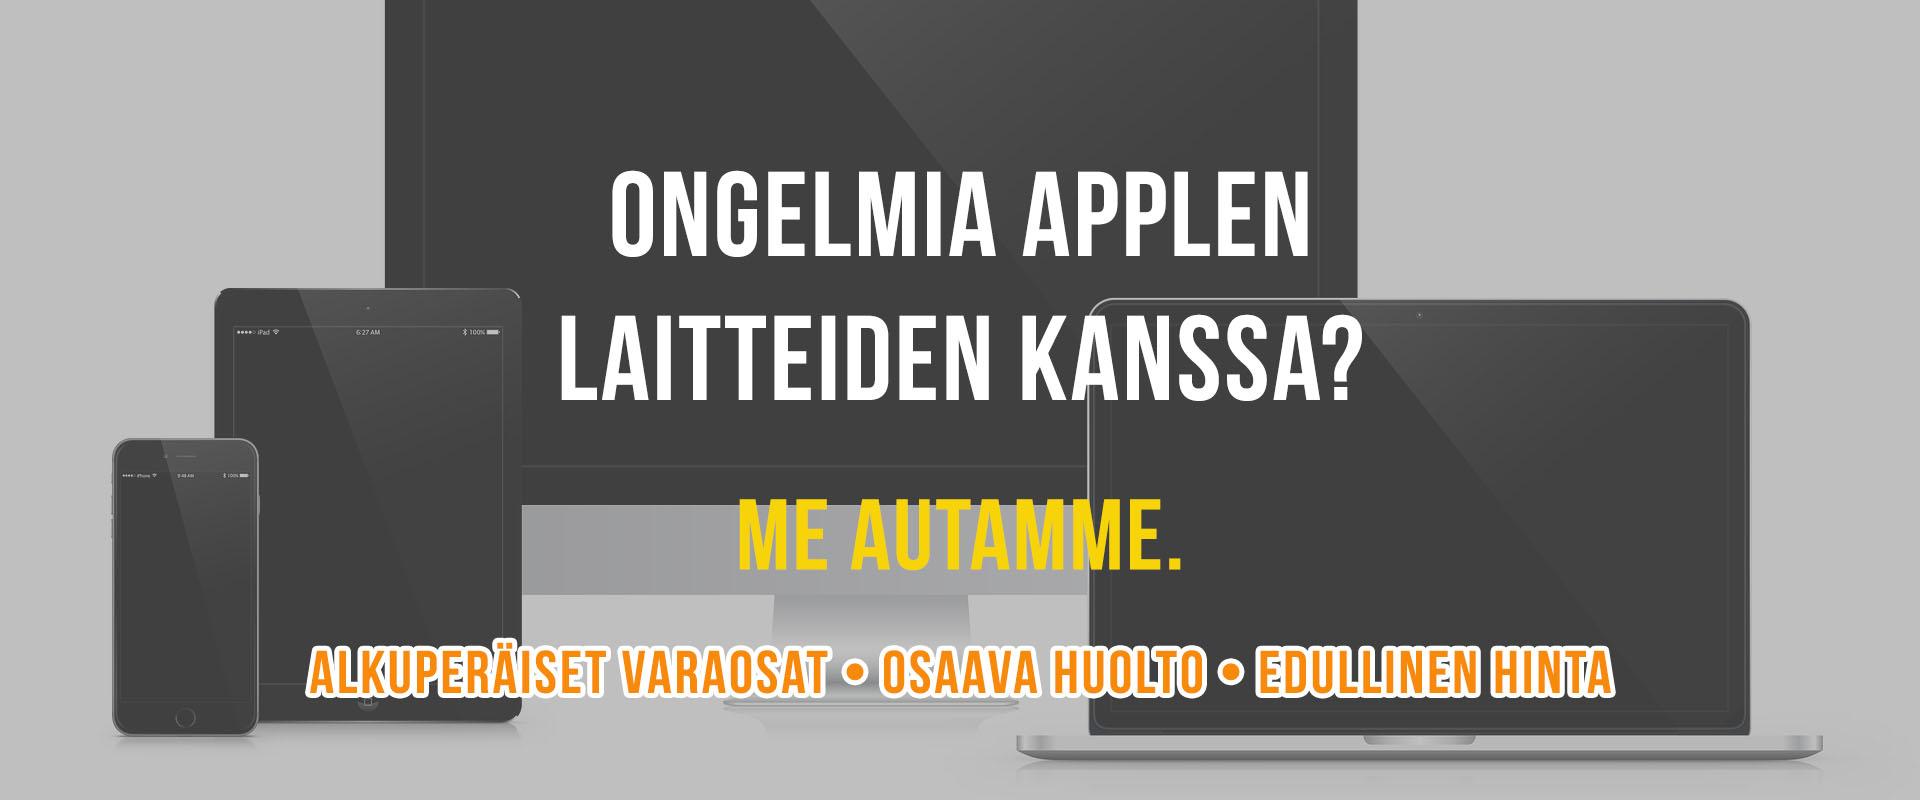 Ongelmia Applen laitteiden kanssa?